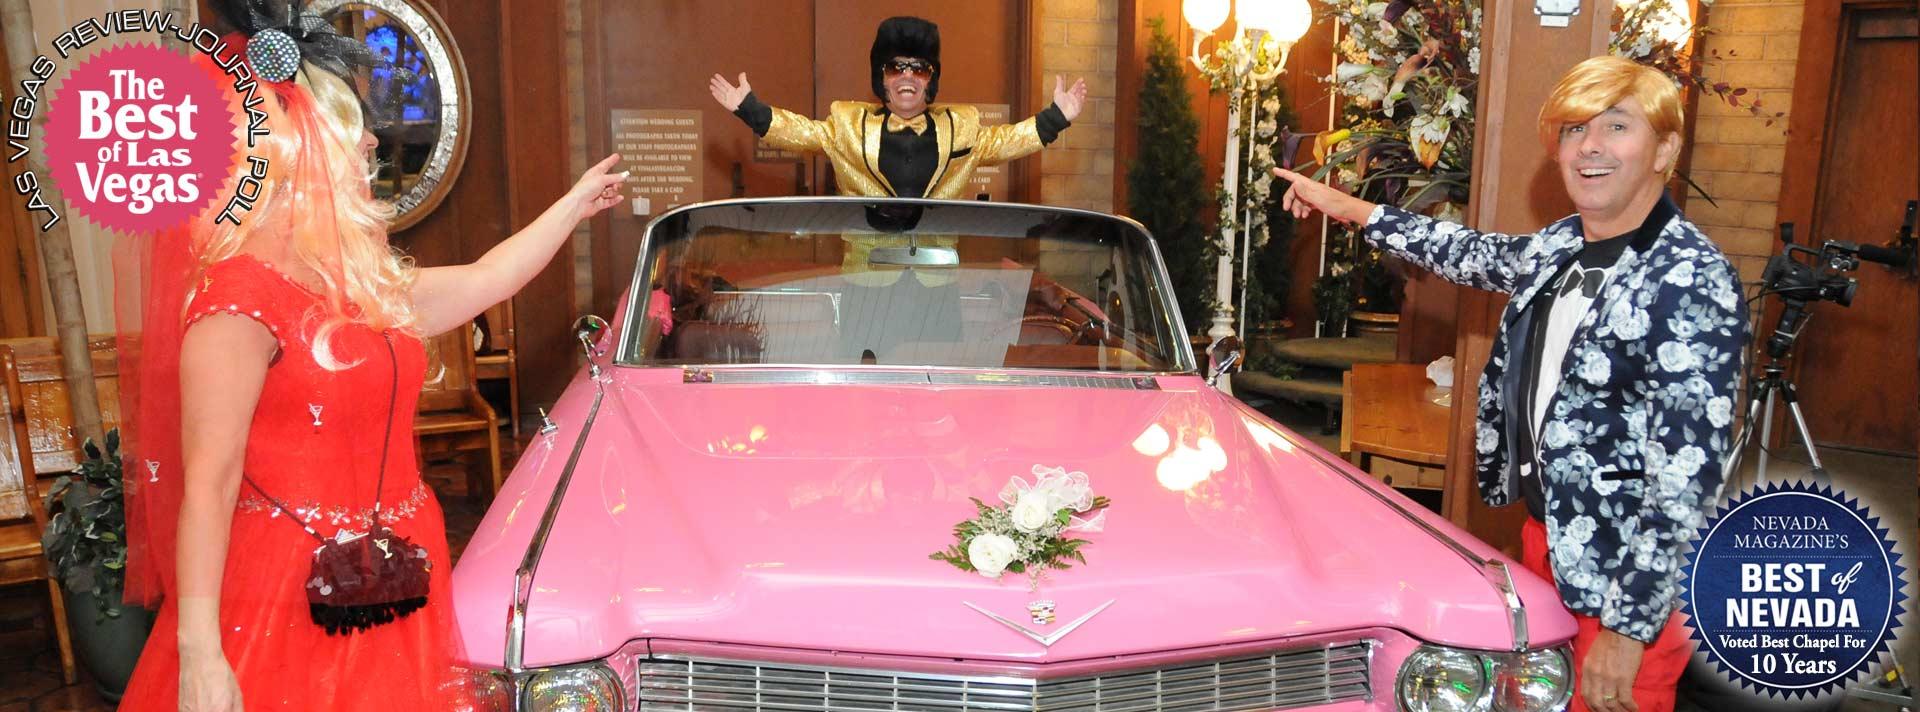 Las Vegas Destination Wedding Packages